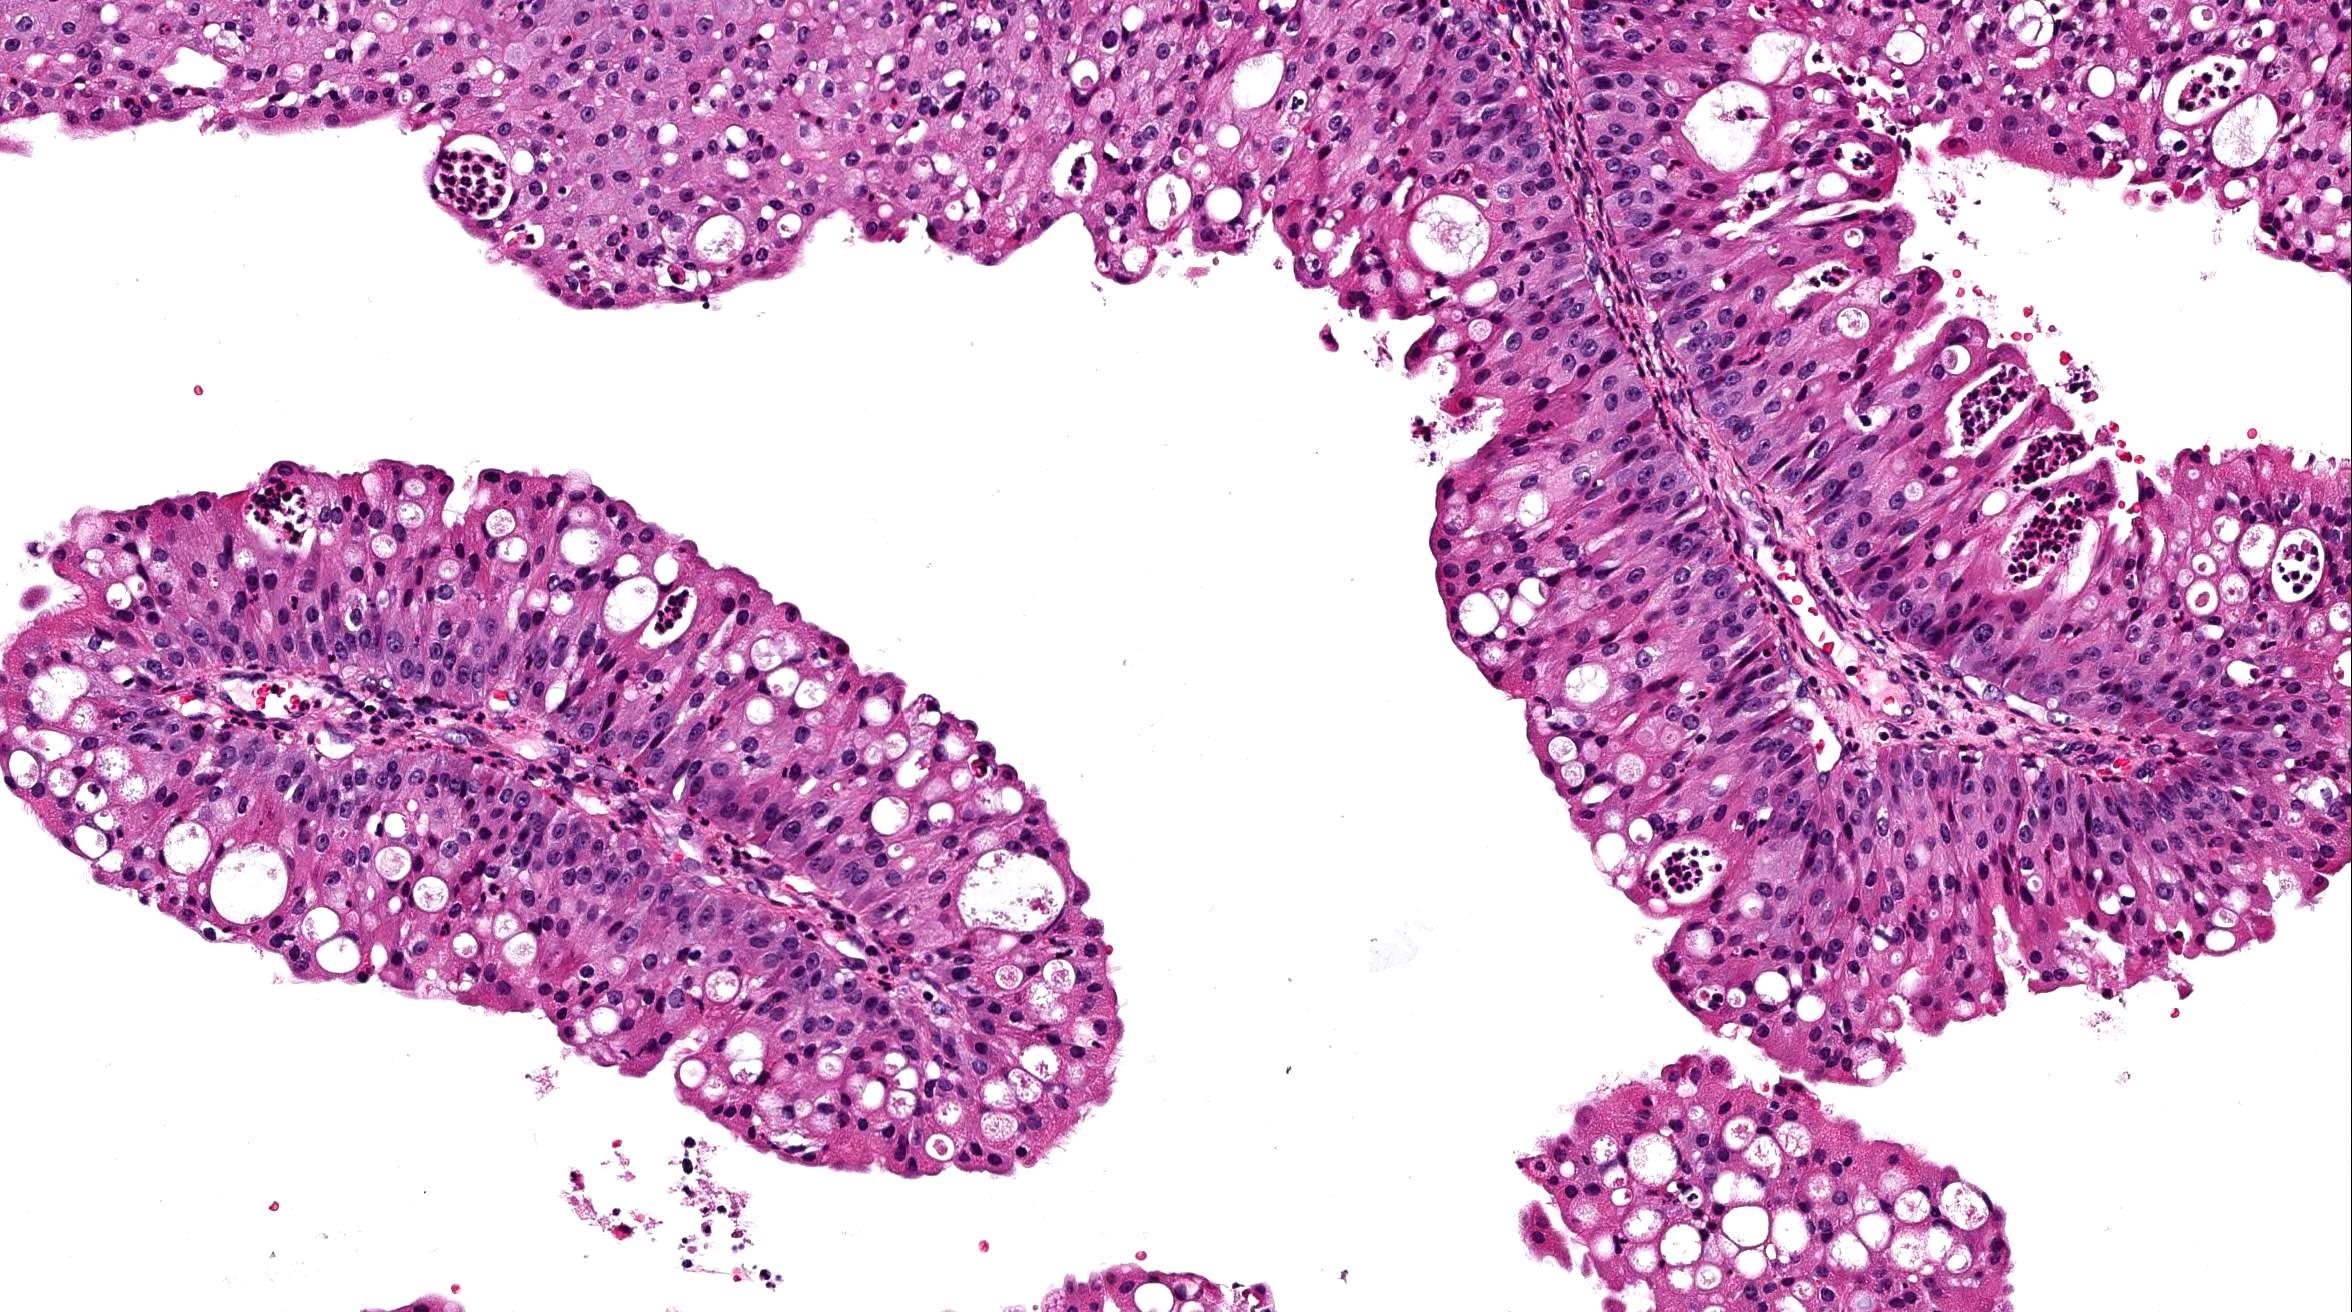 papillary urothelial hyperplasia icd 10